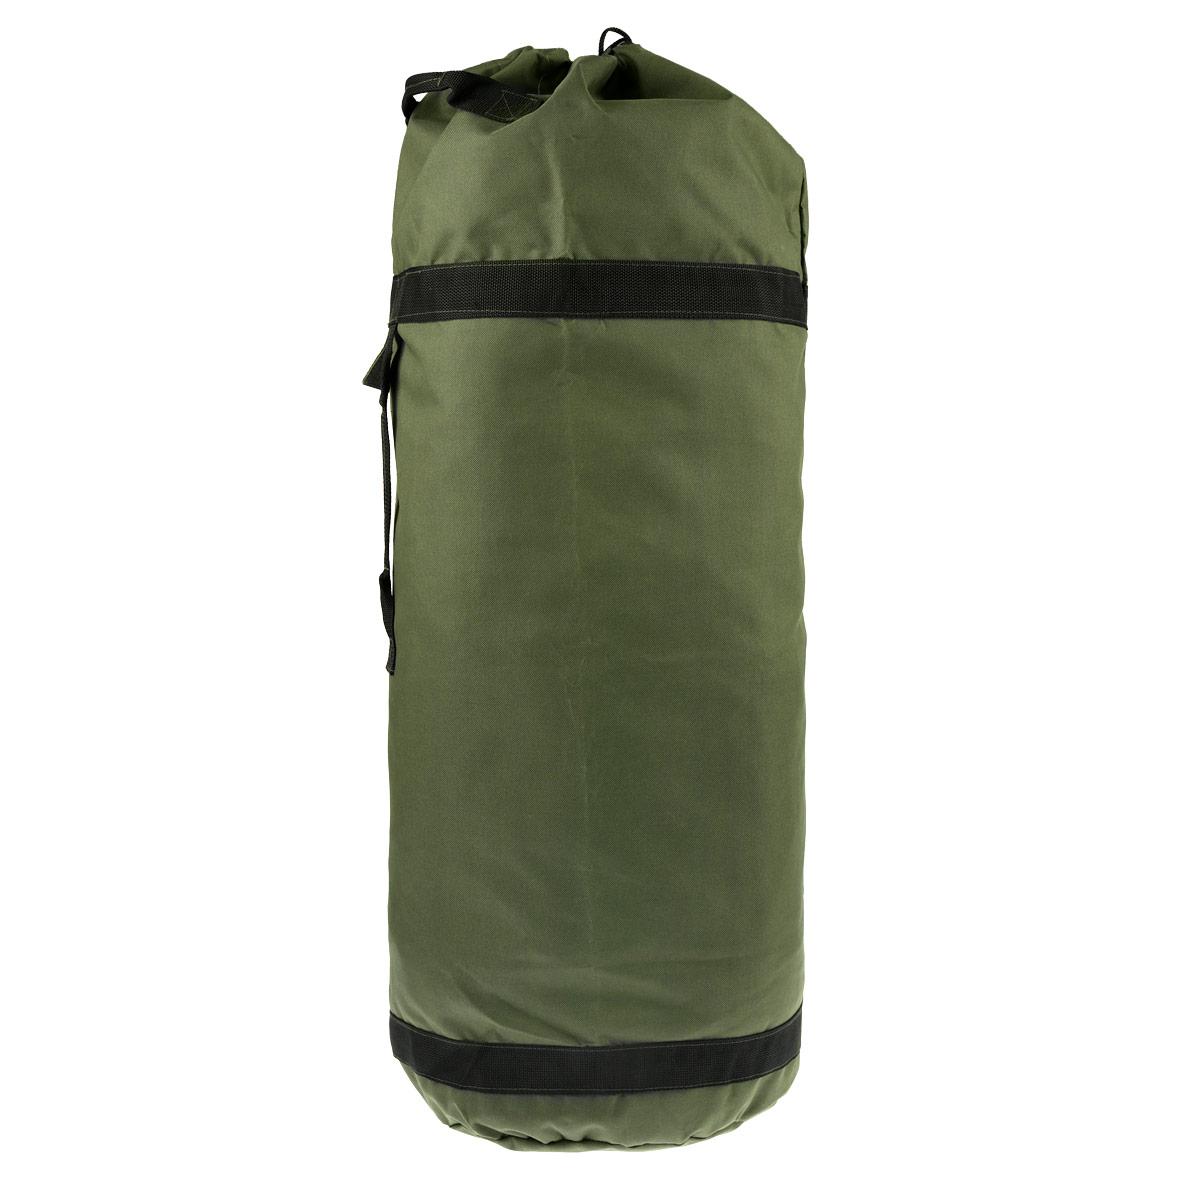 """Вещмешок """"Алом-Дар"""" с лямками, выполненный из водоотталкивающей ткани. Аналог армейского вещмешка стран НАТО. Имеет прошитые усиленные стропой лямки, идущие вдоль мешка, поддерживающие дно. Мешок можно использовать как рюкзак. Ручка сбоку и две ручки сверху в горловине мешка позволяют переносить его как сумку в вертикальном или горизонтальном положении. Горловина затягивается усиленным шнуром, сбоку есть карман на кнопке.     Что взять с собой в поход?. Статья OZON Гид"""